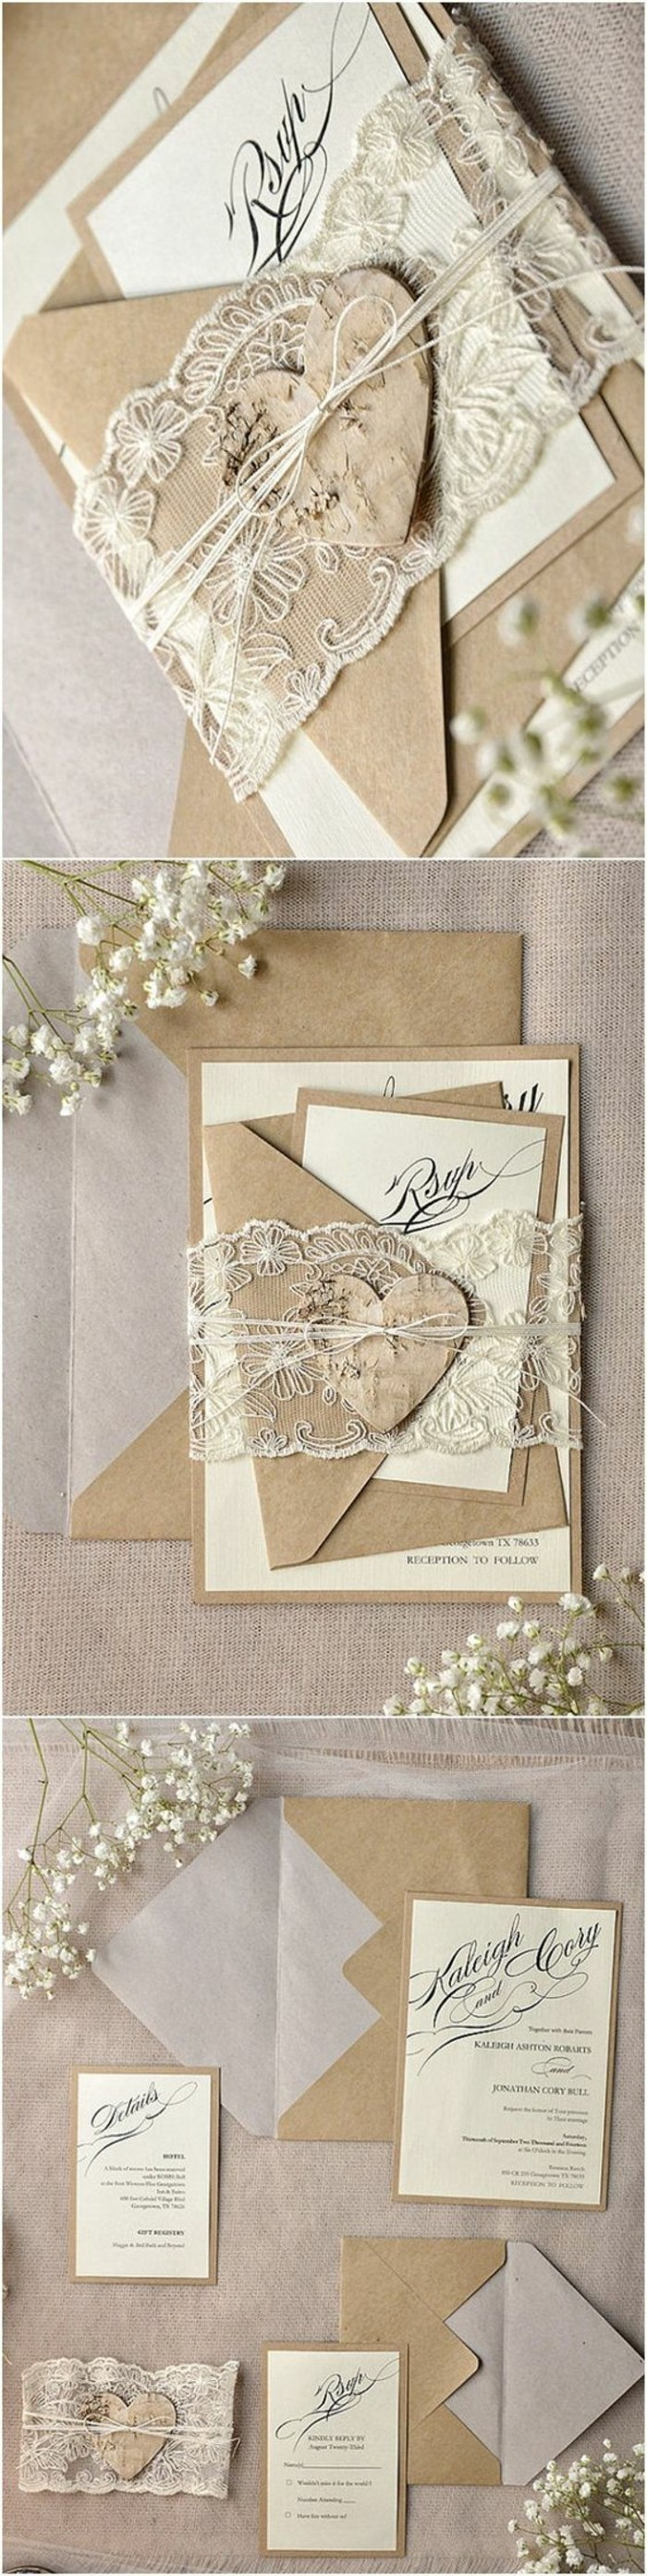 Lace Wedding Invitation is luxury invitations ideas